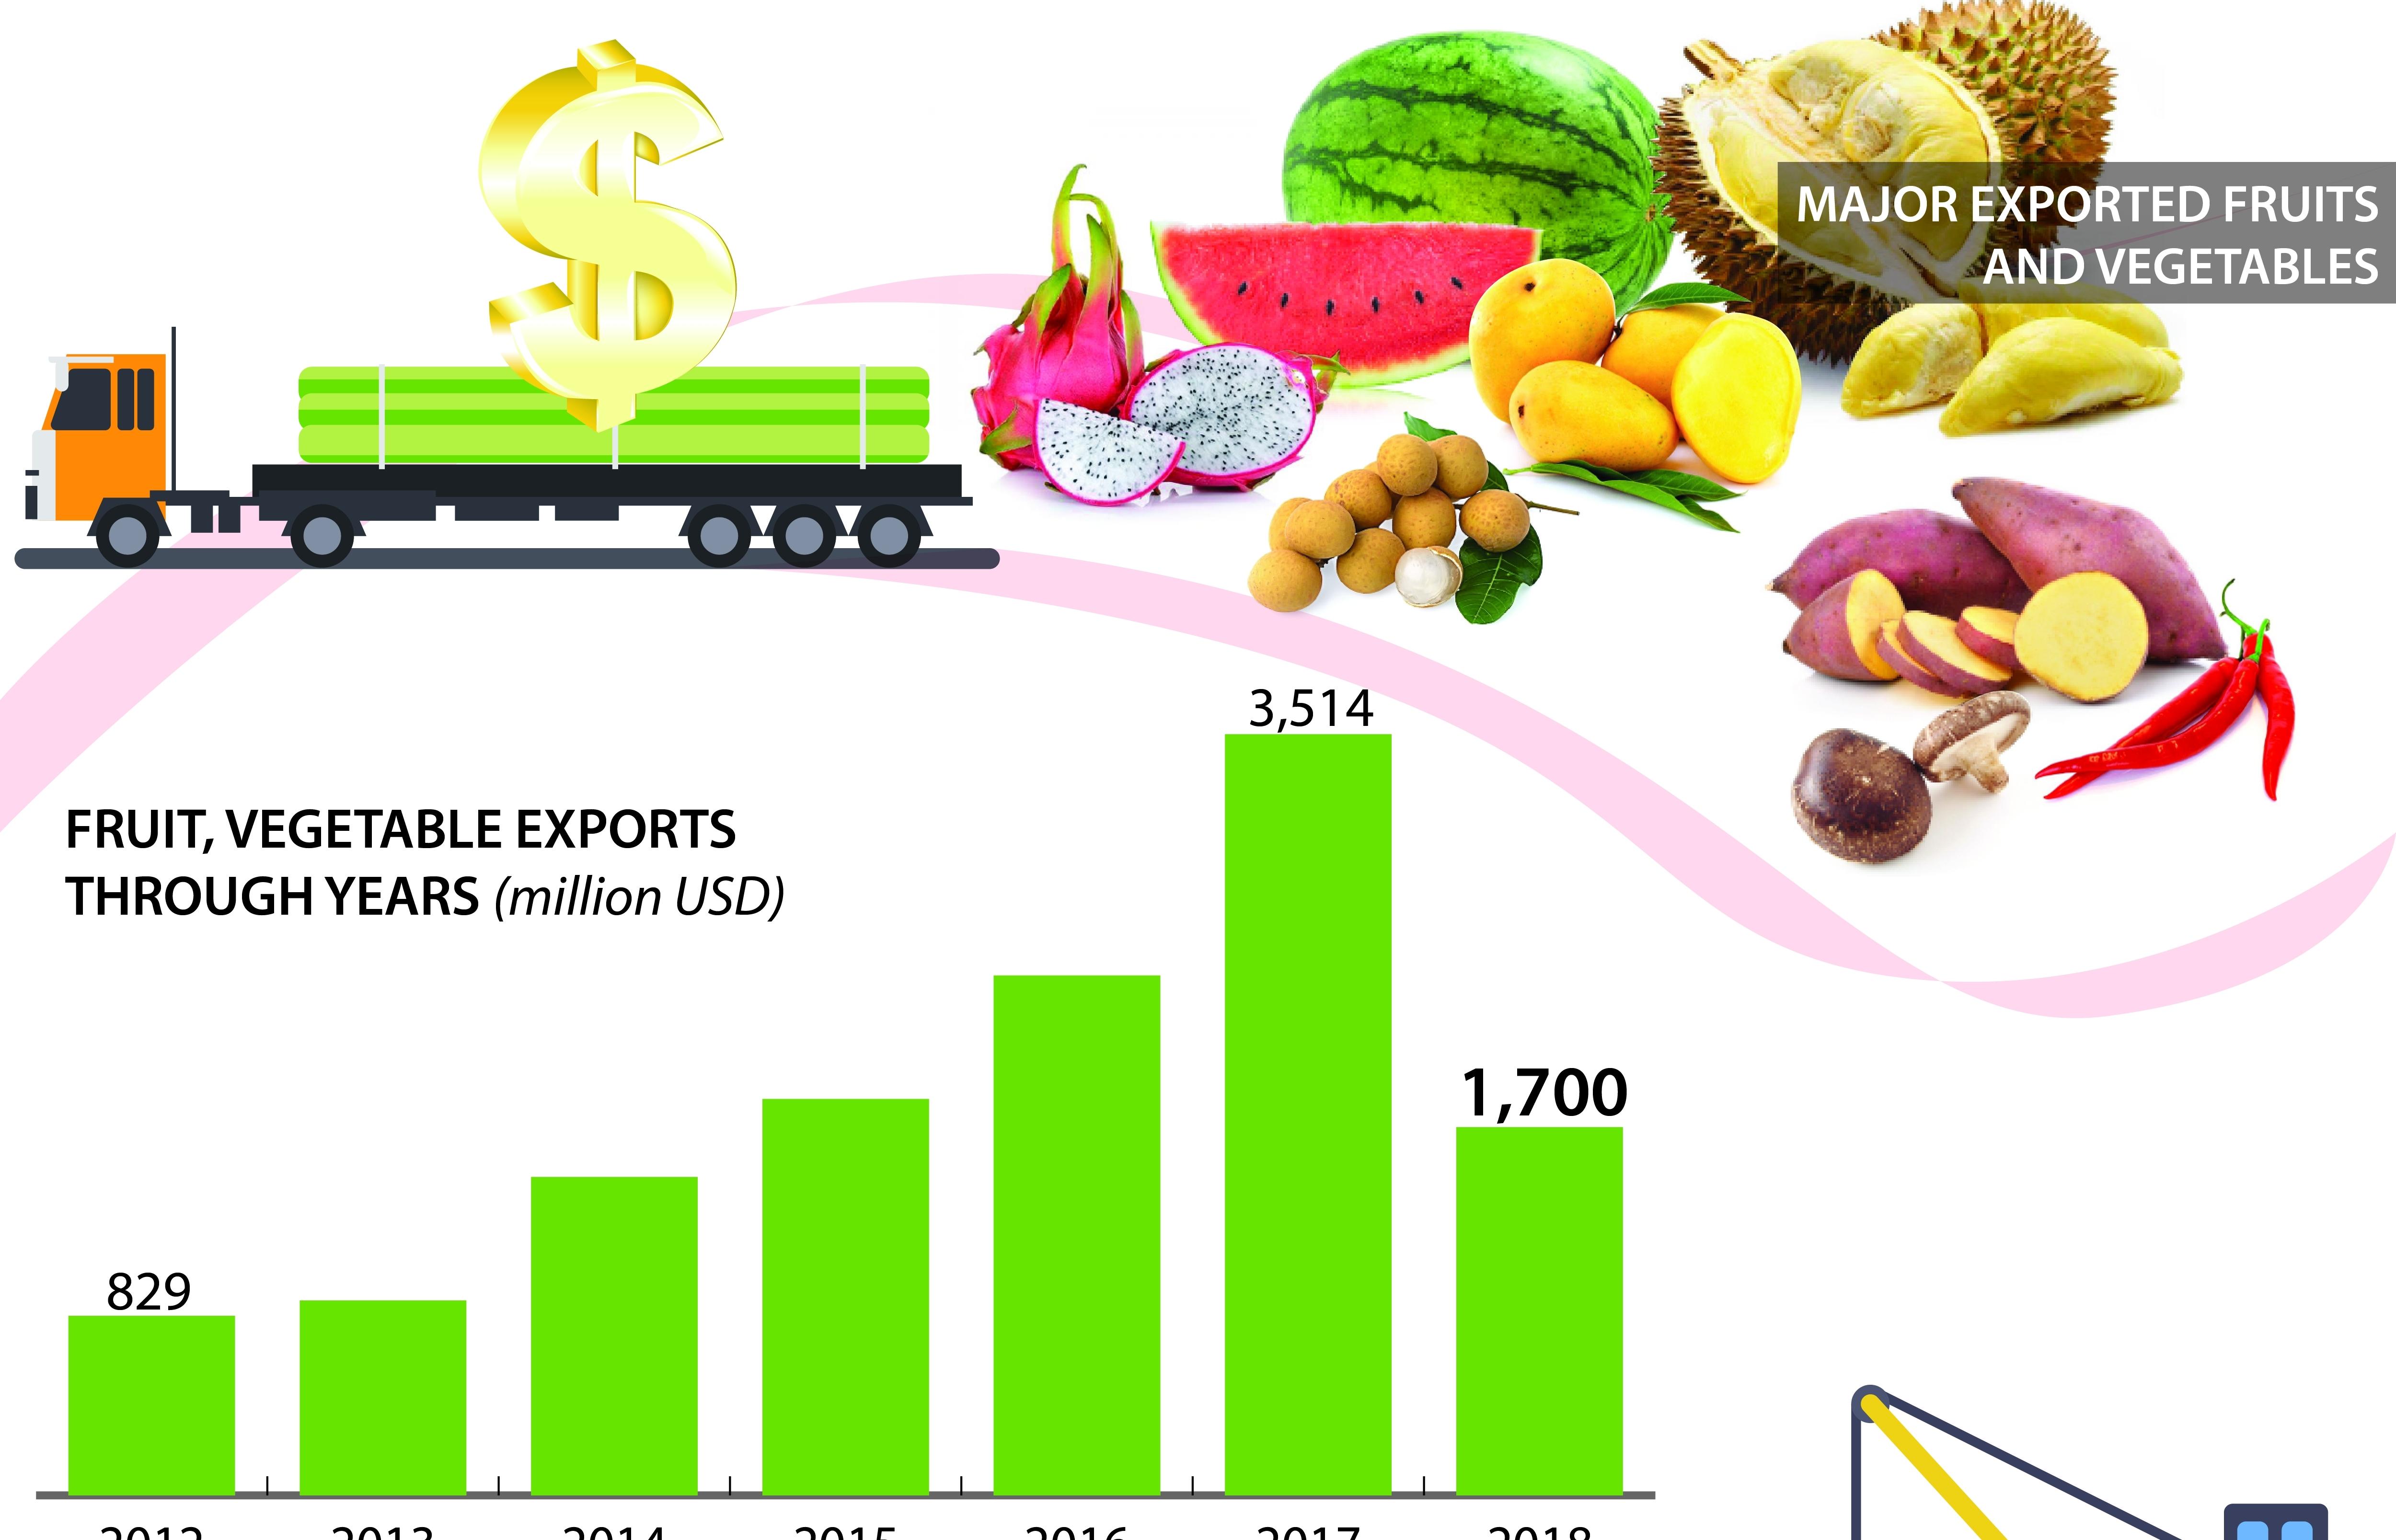 Fruit, vegetable exports target $10 billion